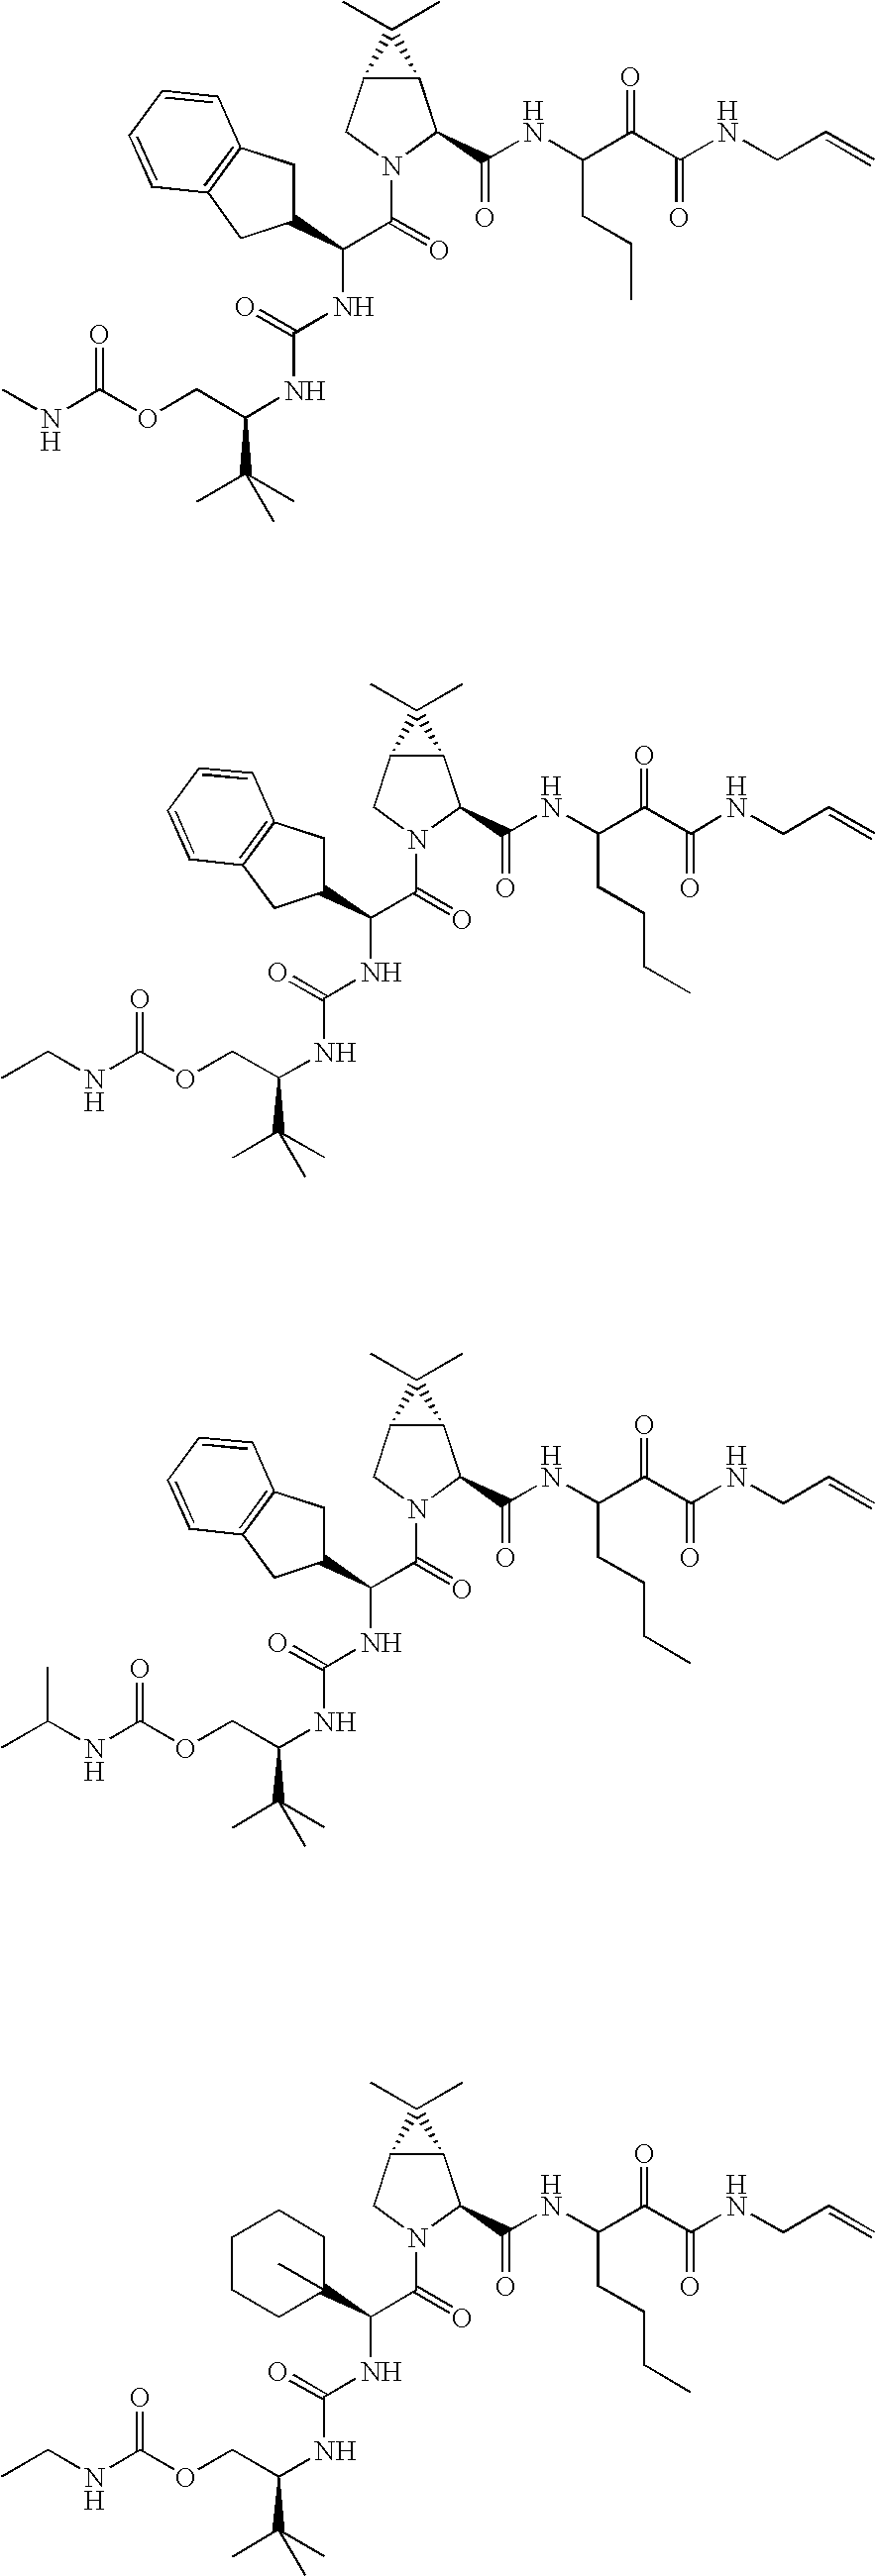 Figure US20060287248A1-20061221-C00374